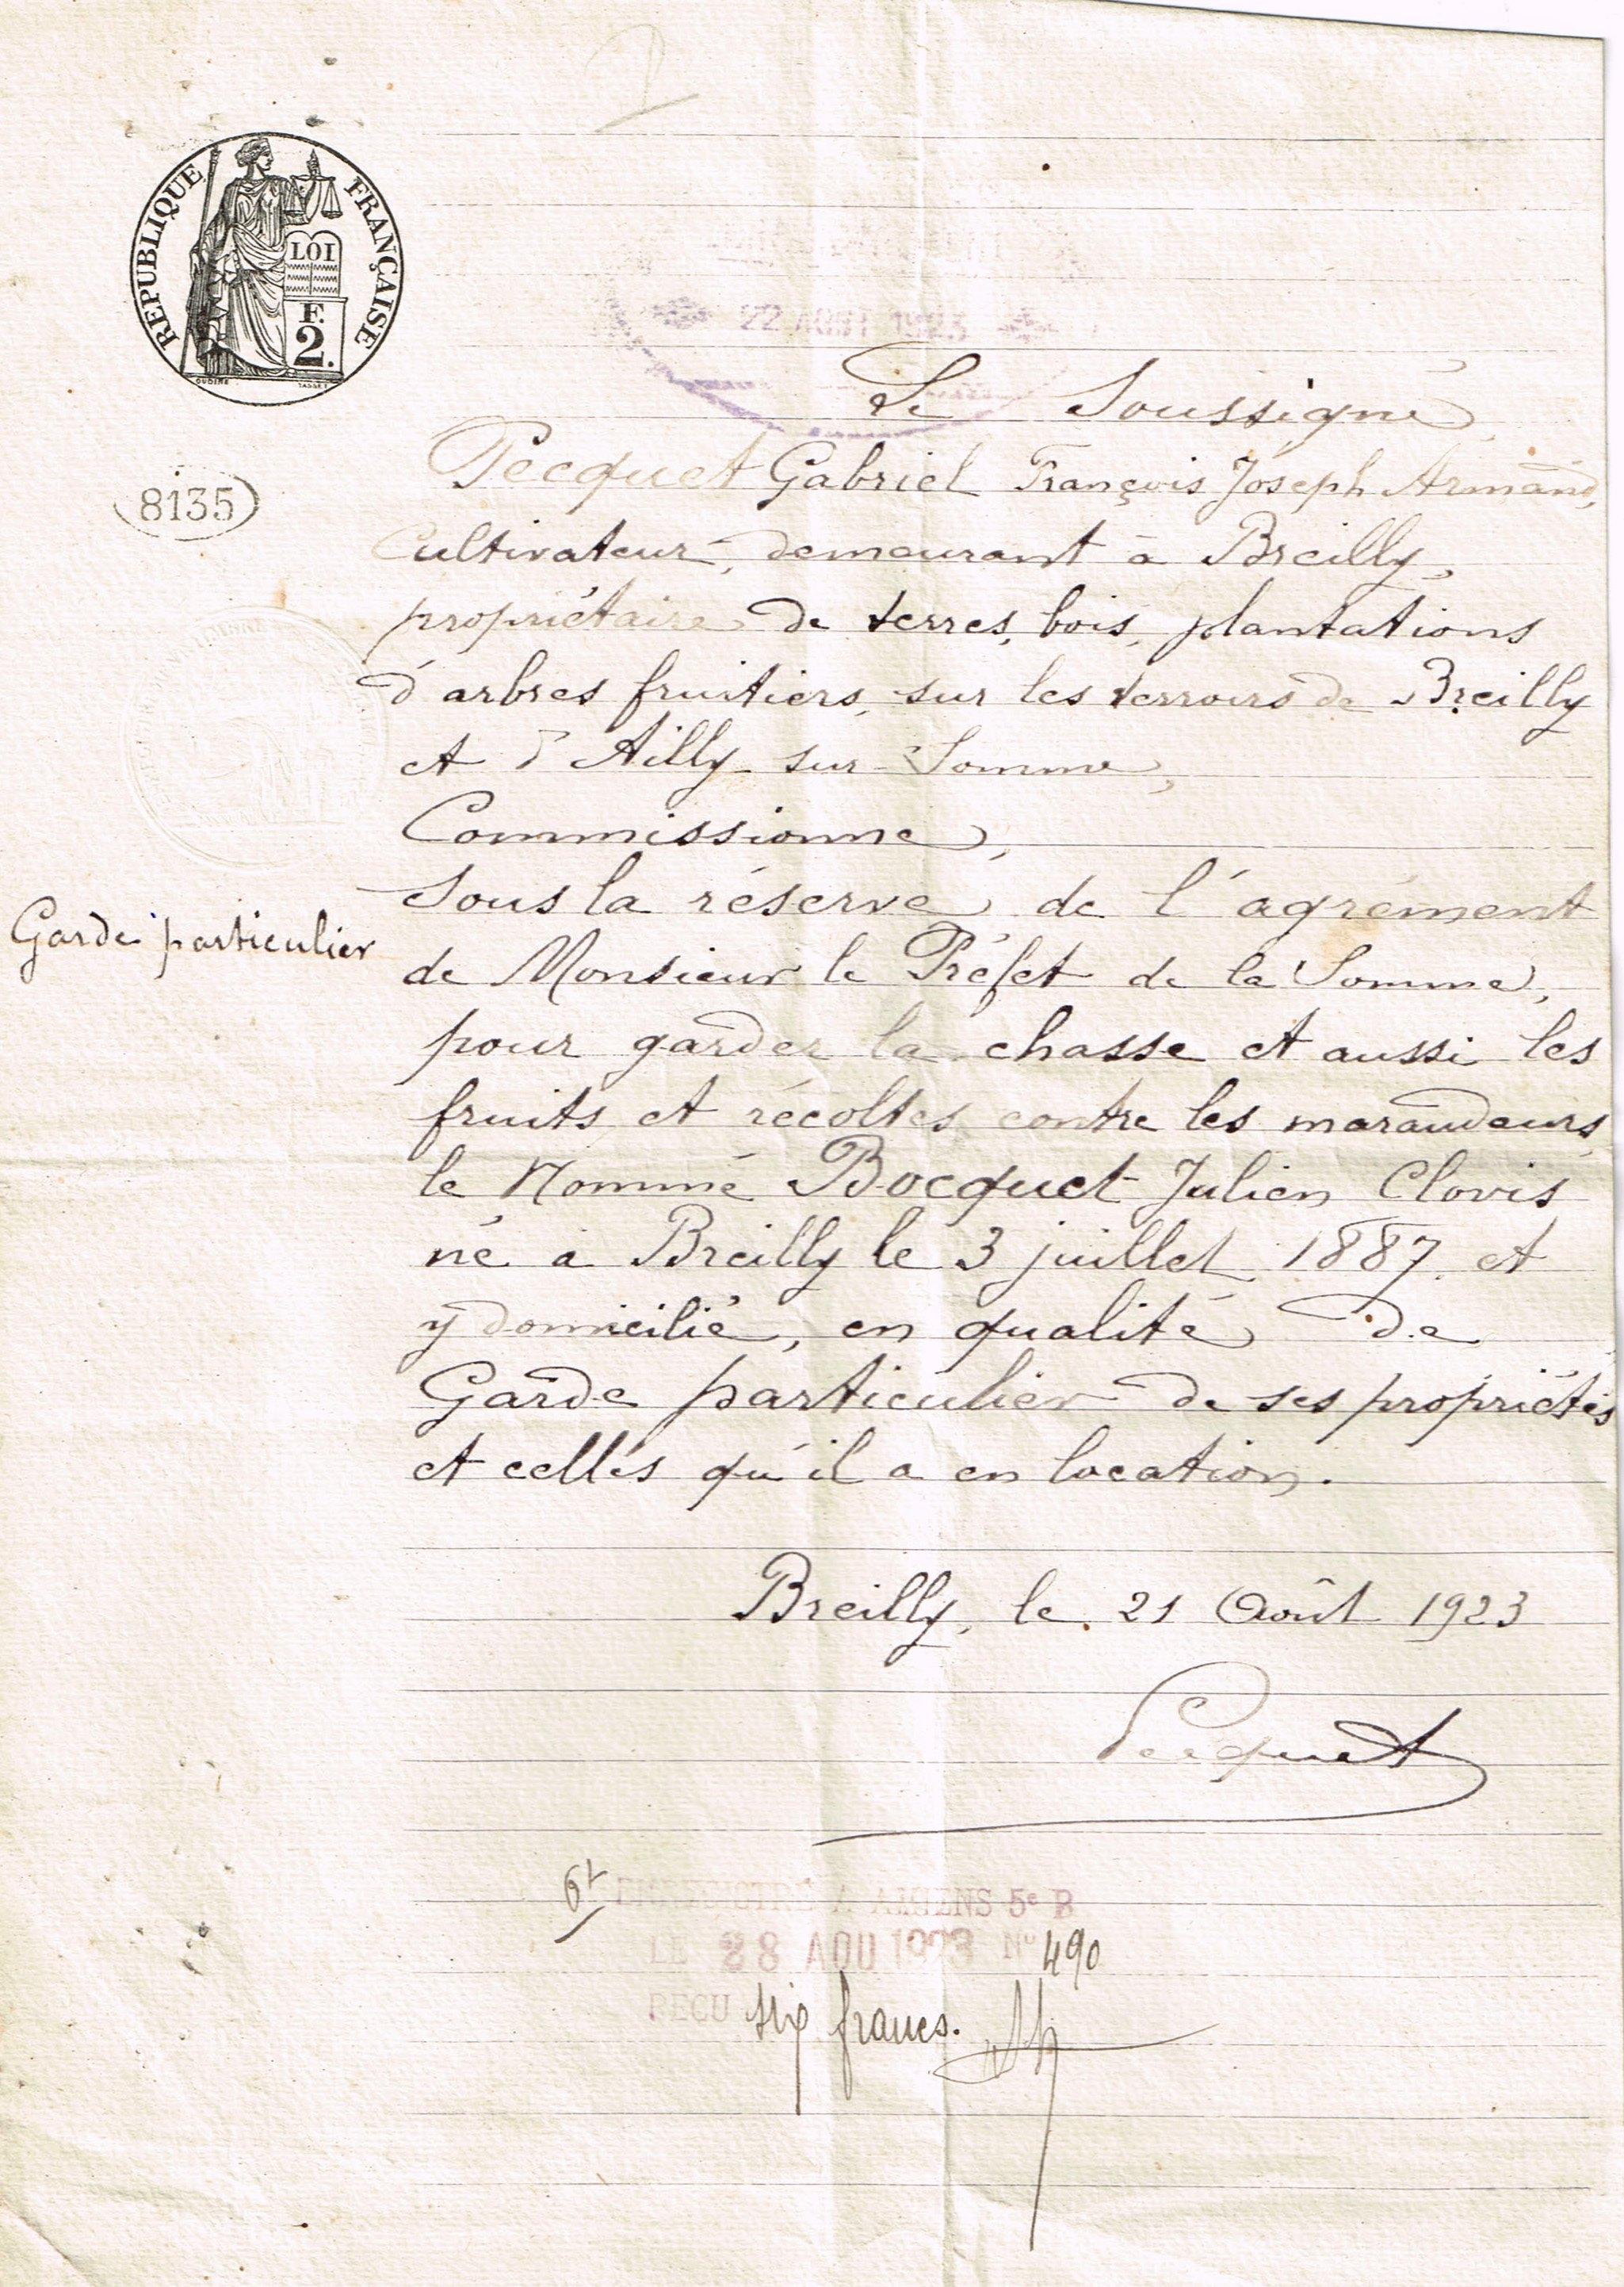 garde particulier - 23.08.1923